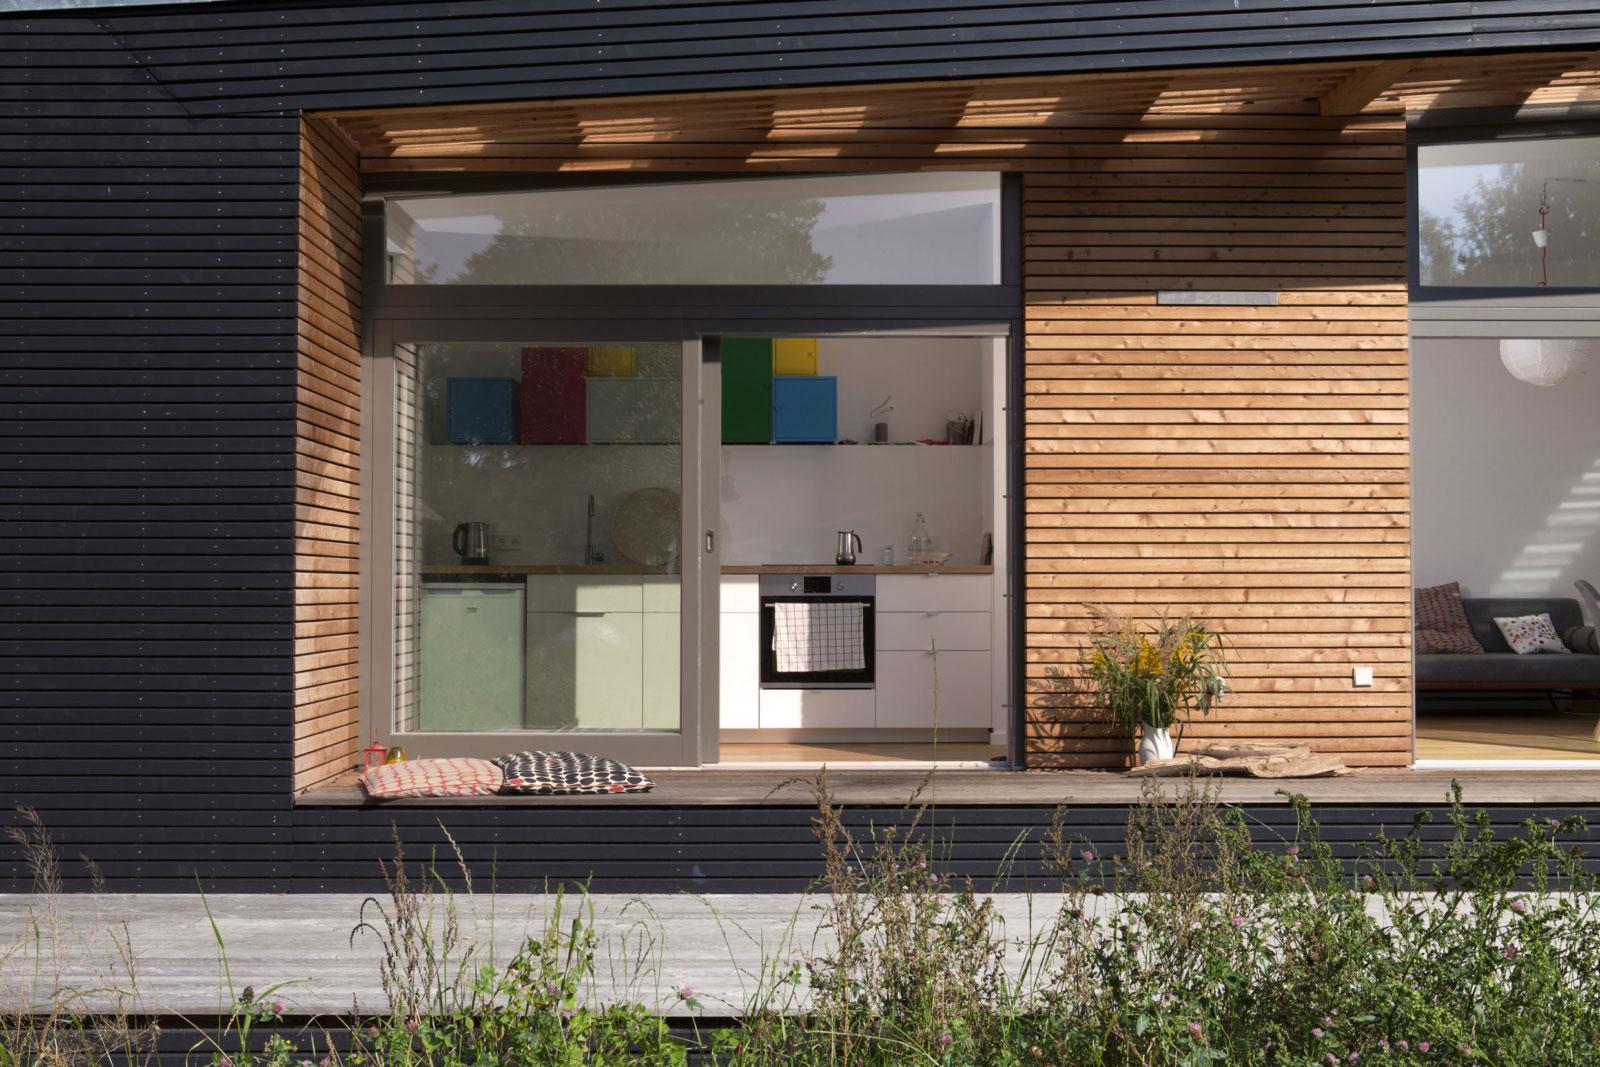 Große überdachte Terrasse macht Ihr Haus zum Erlebnis. Wohnen auf dem Holzdeck